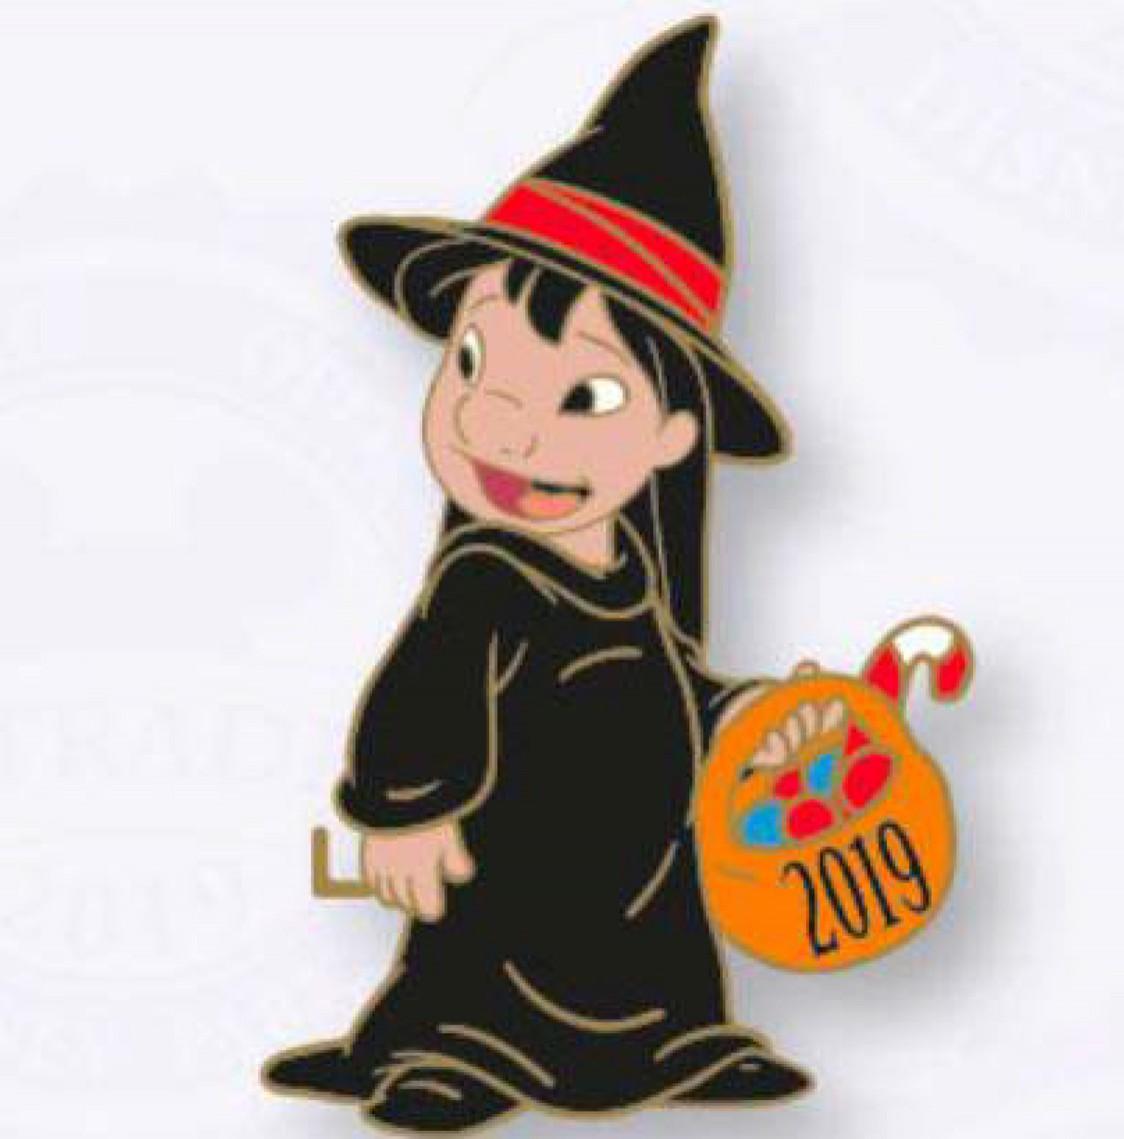 Lilo as Witch